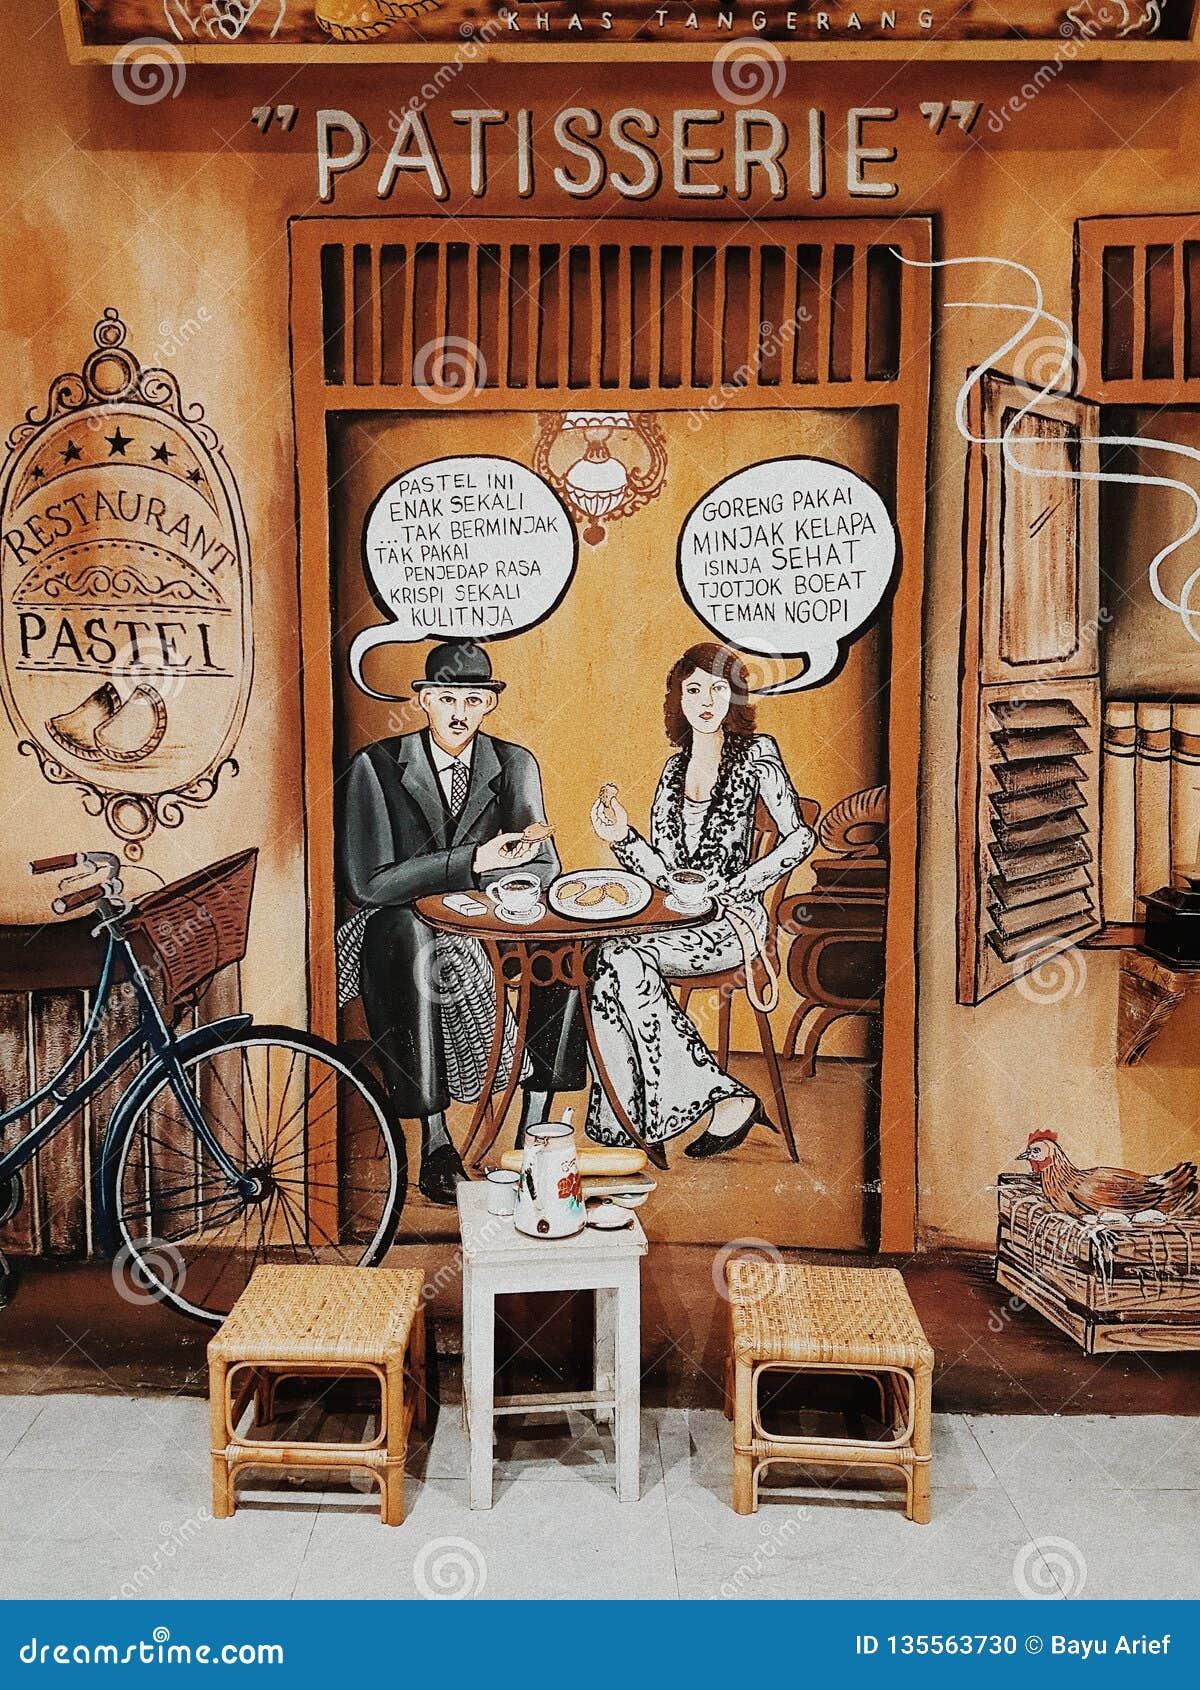 Un arte murala di una pasticceria mangiatrice di uomini con una donna